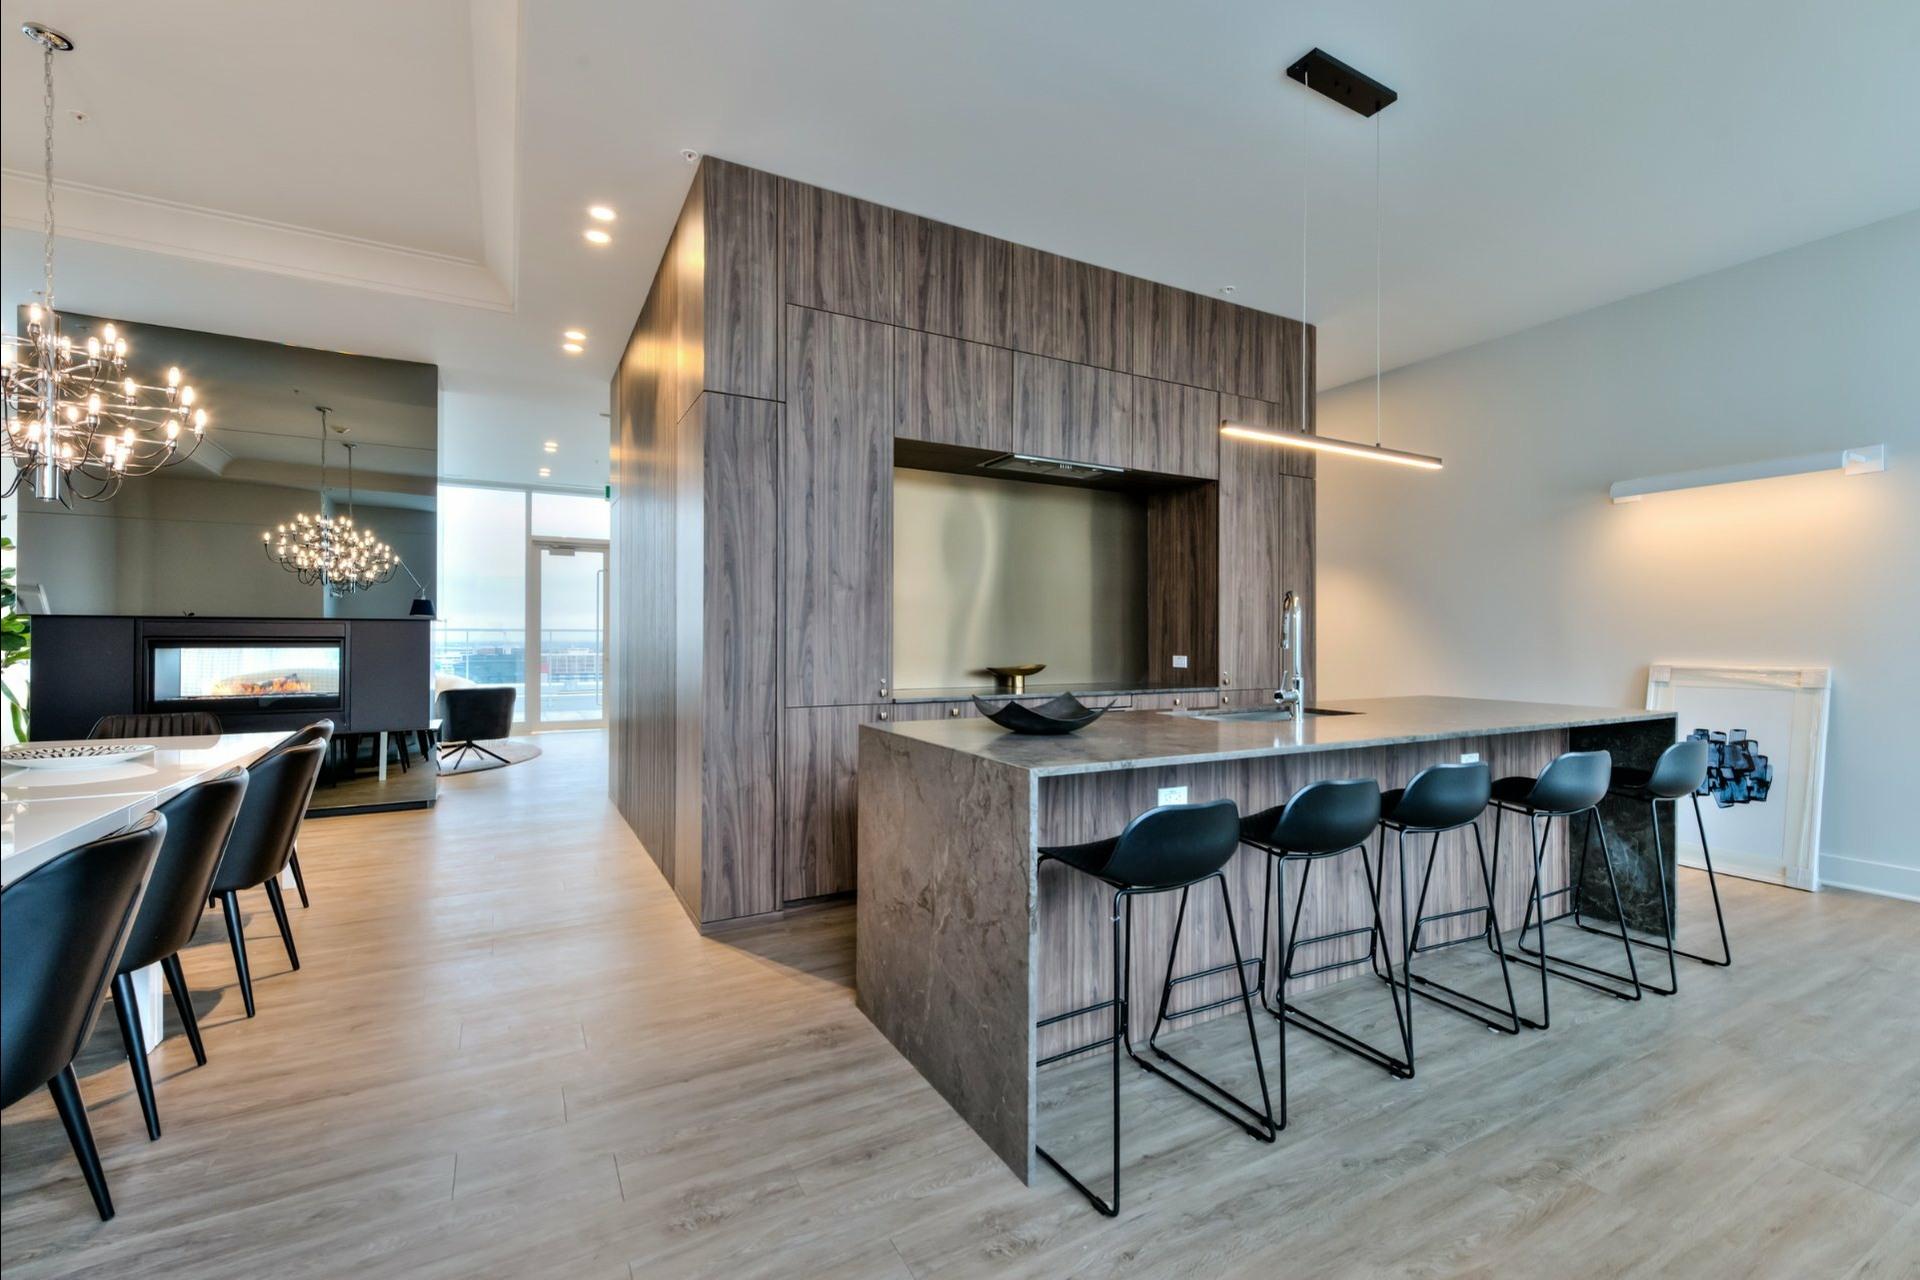 image 23 - 公寓 出售 Côte-des-Neiges/Notre-Dame-de-Grâce Montréal  - 4 室